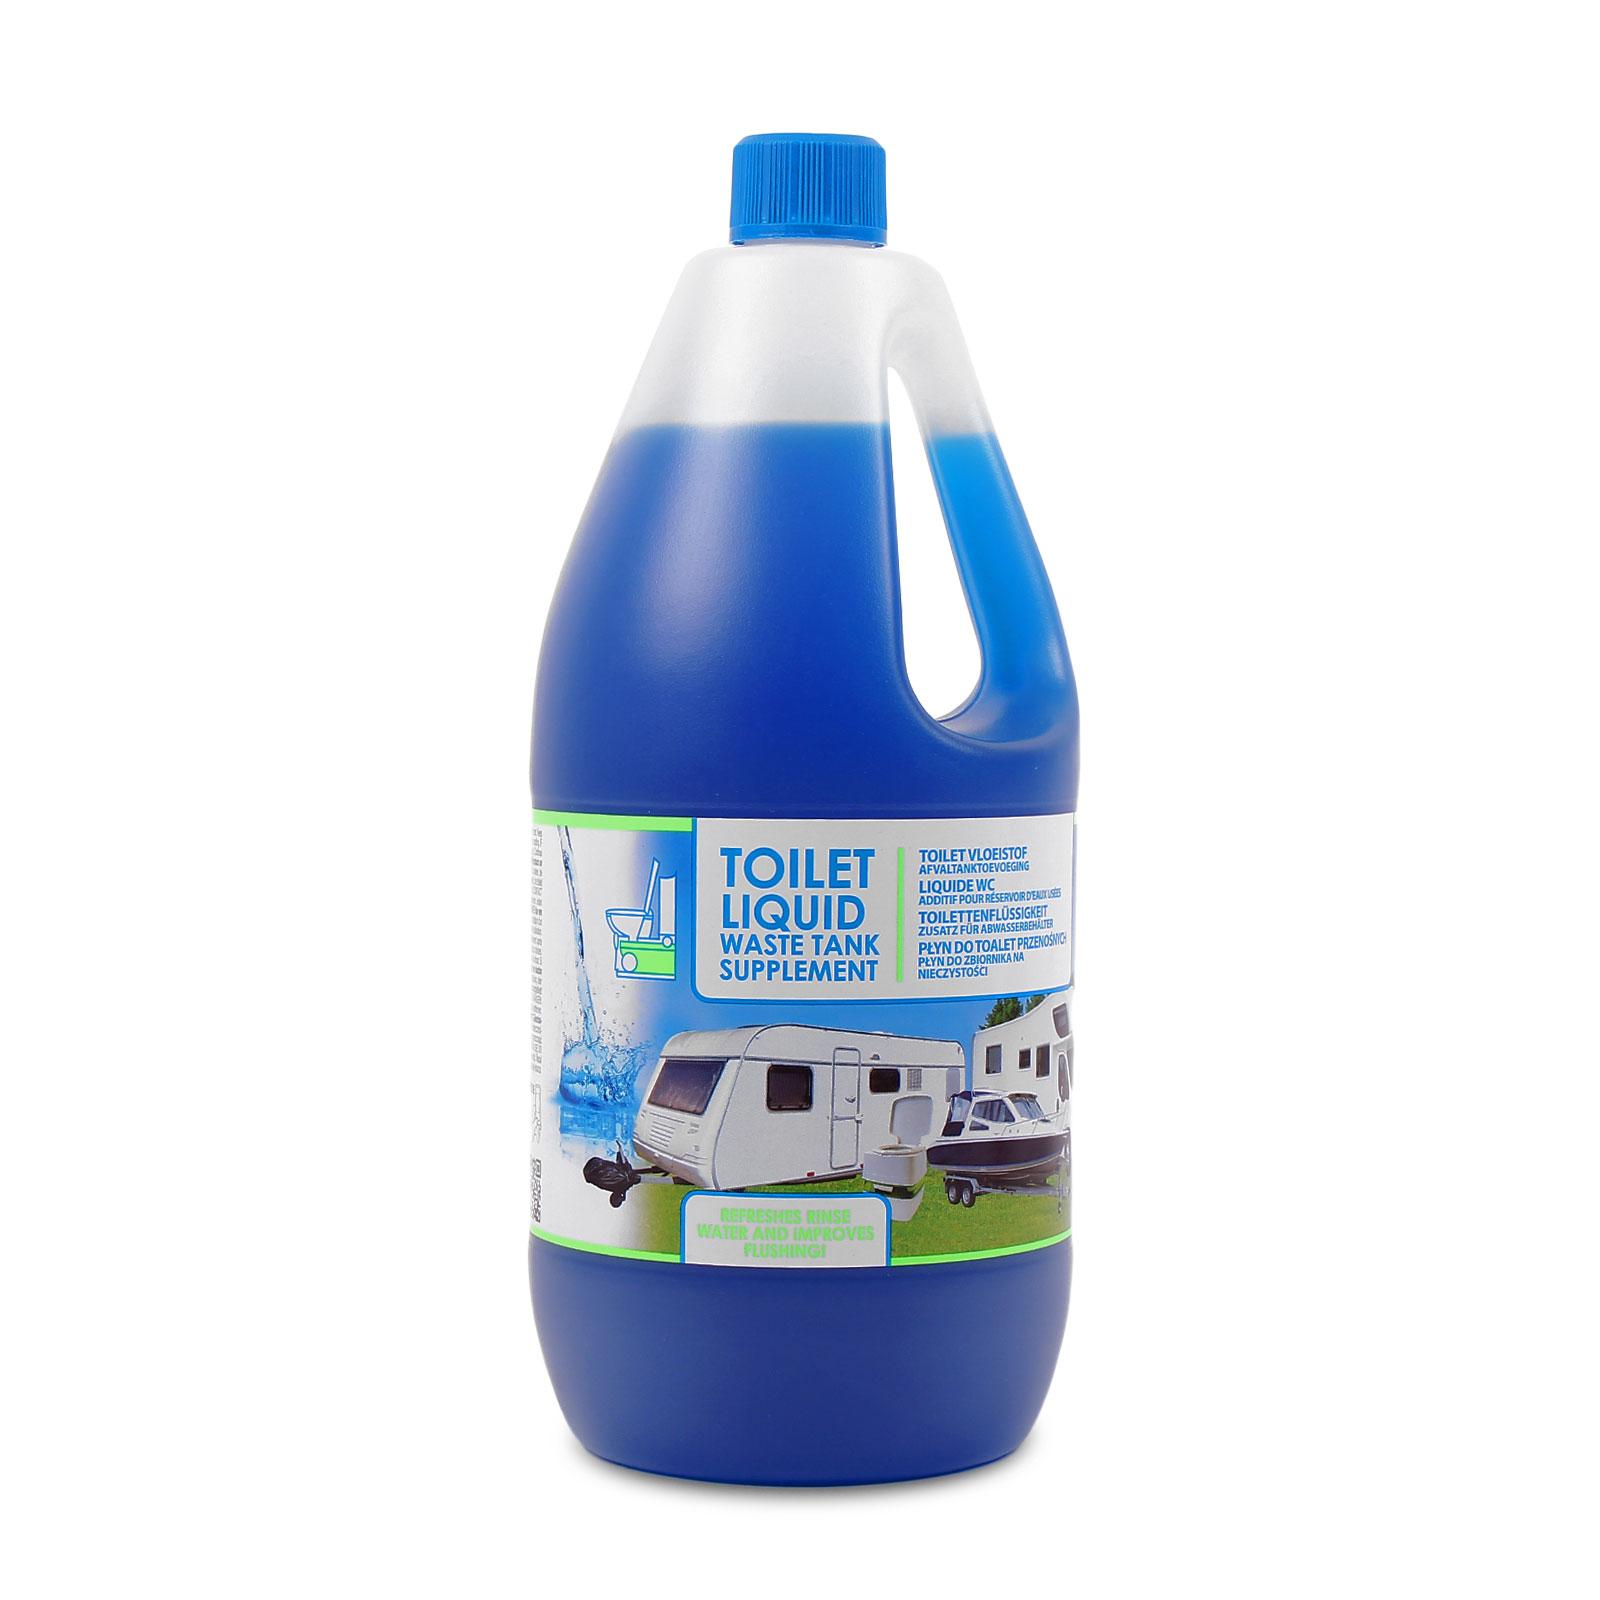 Toilettenzusatz 2 Liter, Toiletten Abwasser, keimtötend